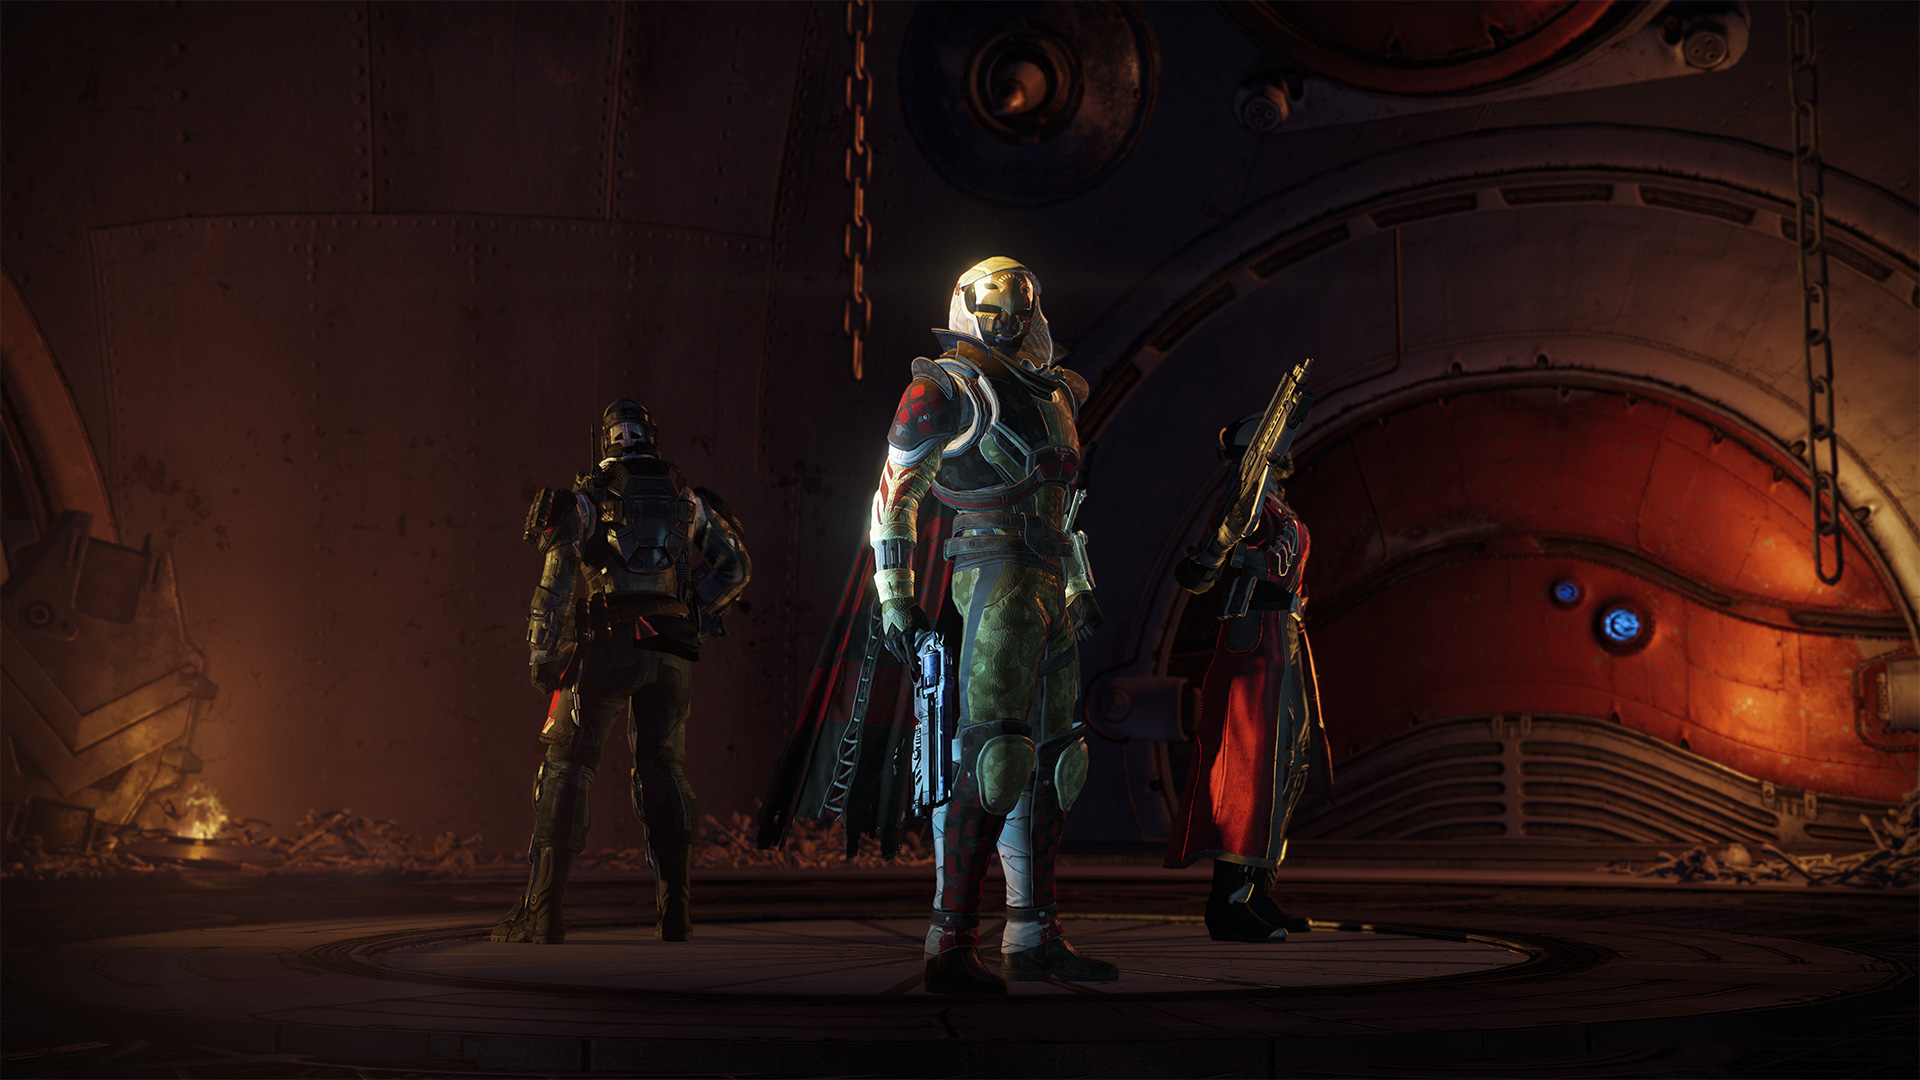 The Original Destiny LFG Site